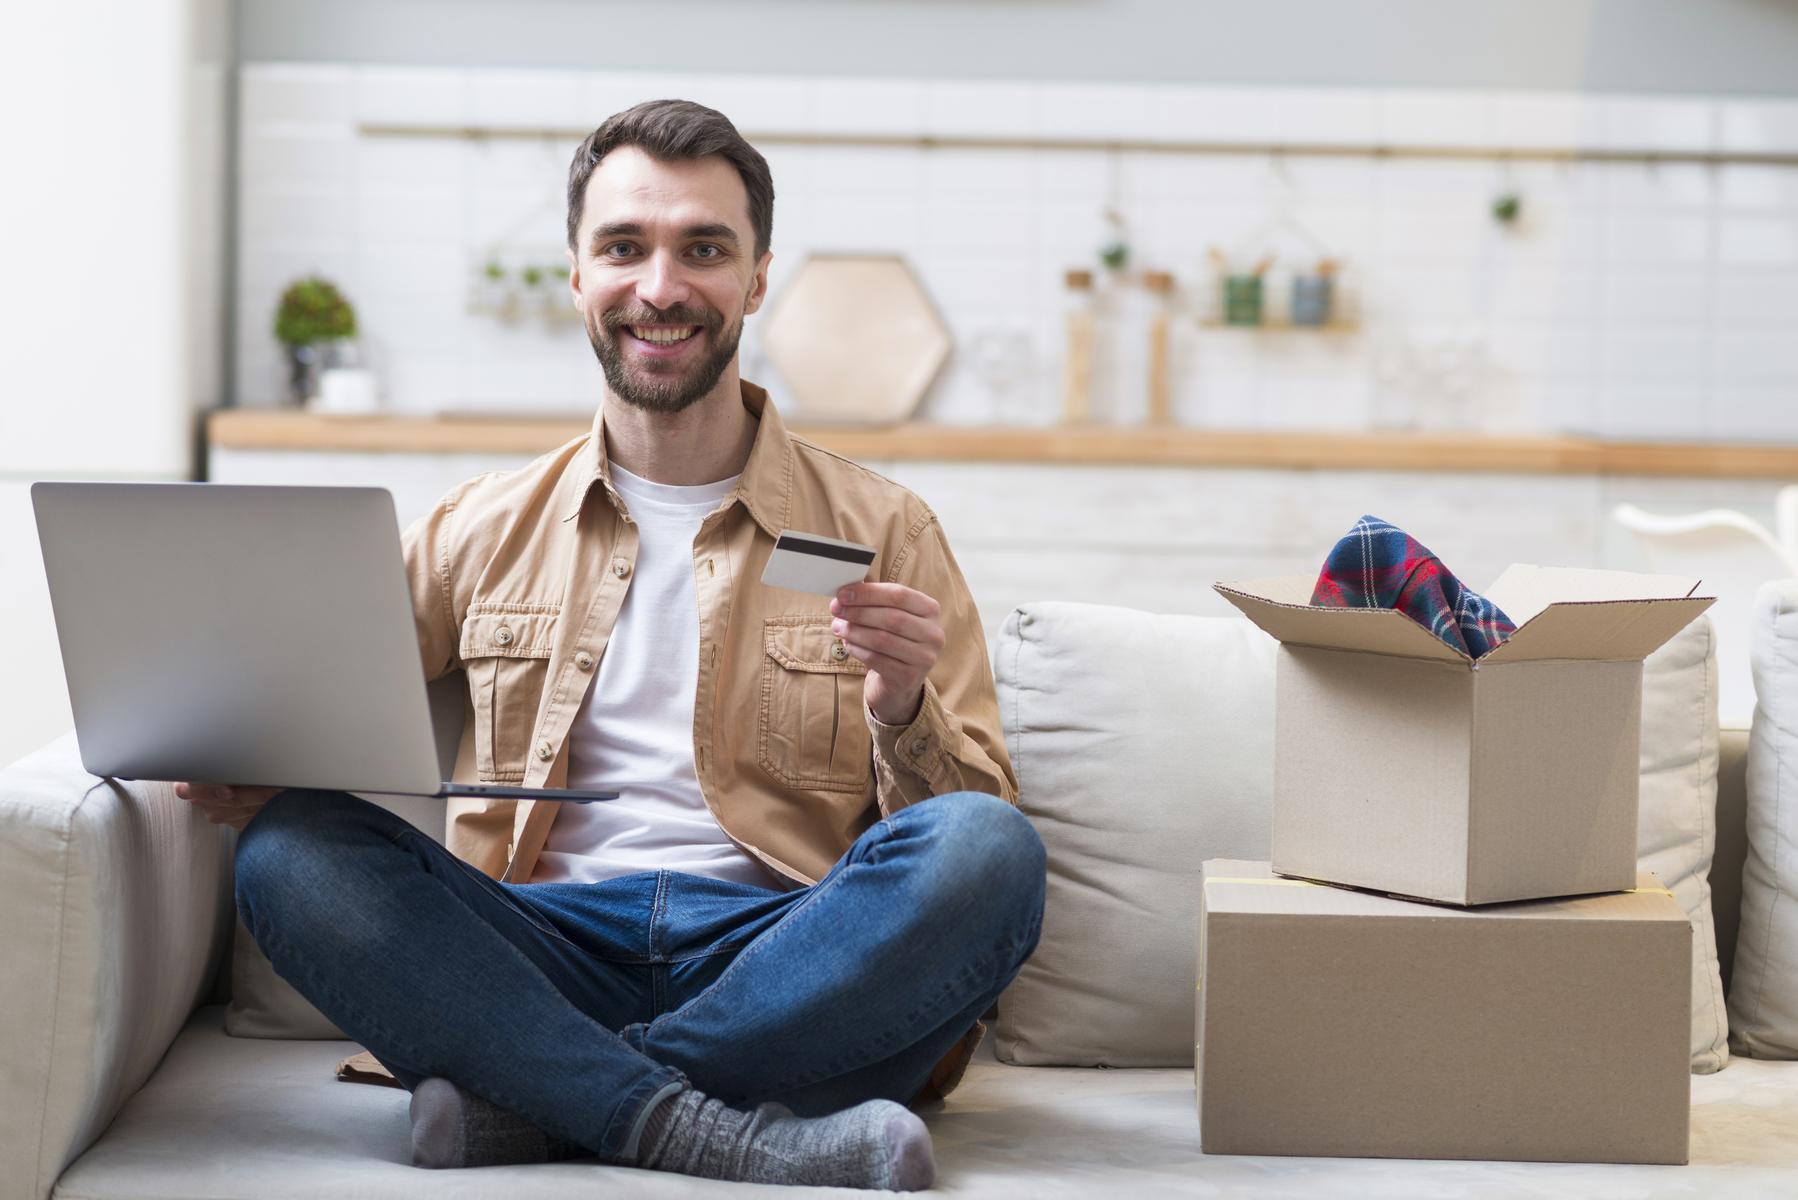 온라인 고객의 관심을 끄는 방법